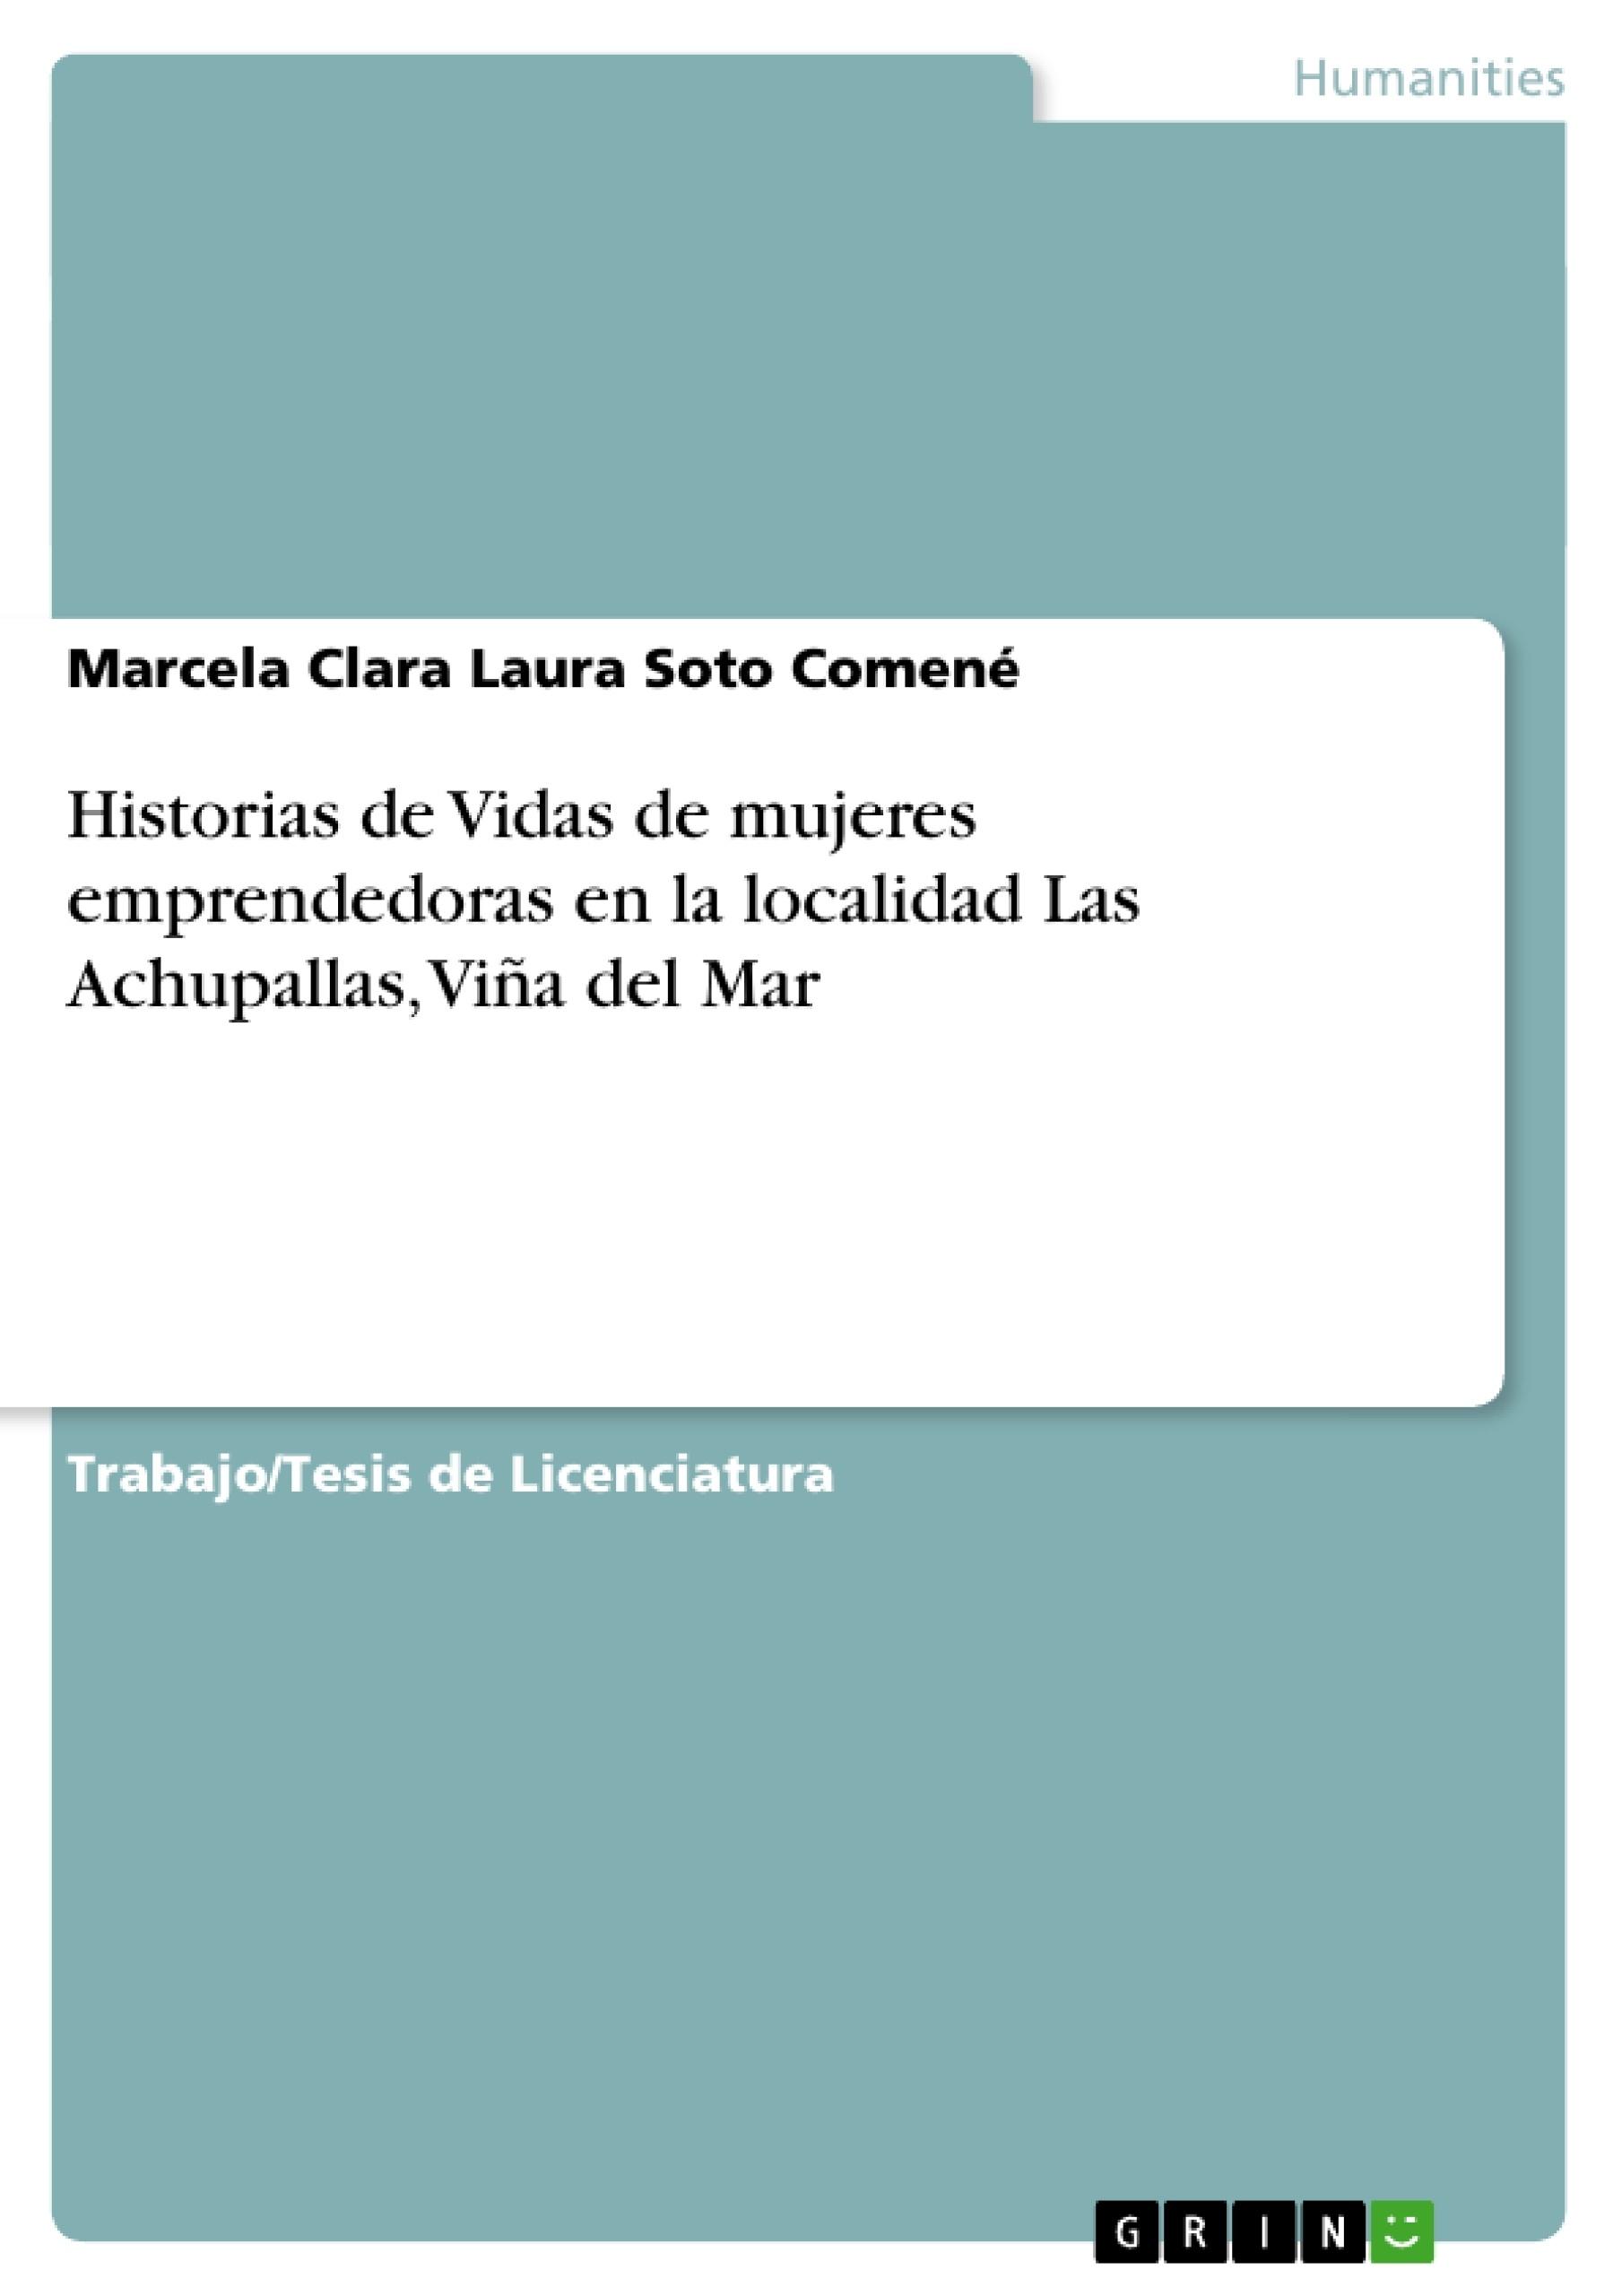 Título: Historias de Vidas de mujeres emprendedoras en la localidad Las Achupallas, Viña del Mar